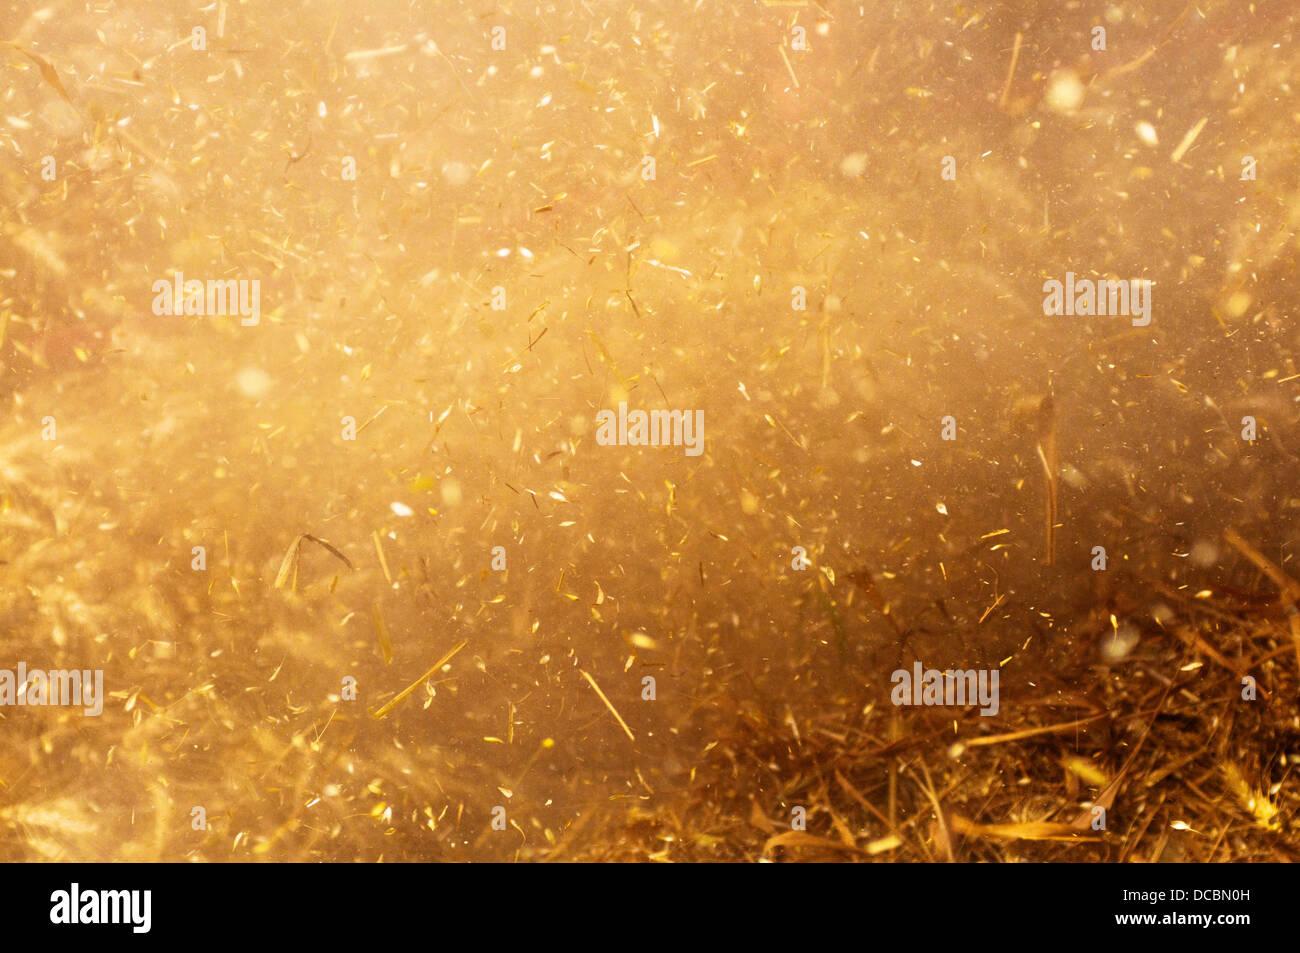 La récolte de blé. Les grains entiers et les particules de blé autour de l'explosion au cours Photo Stock